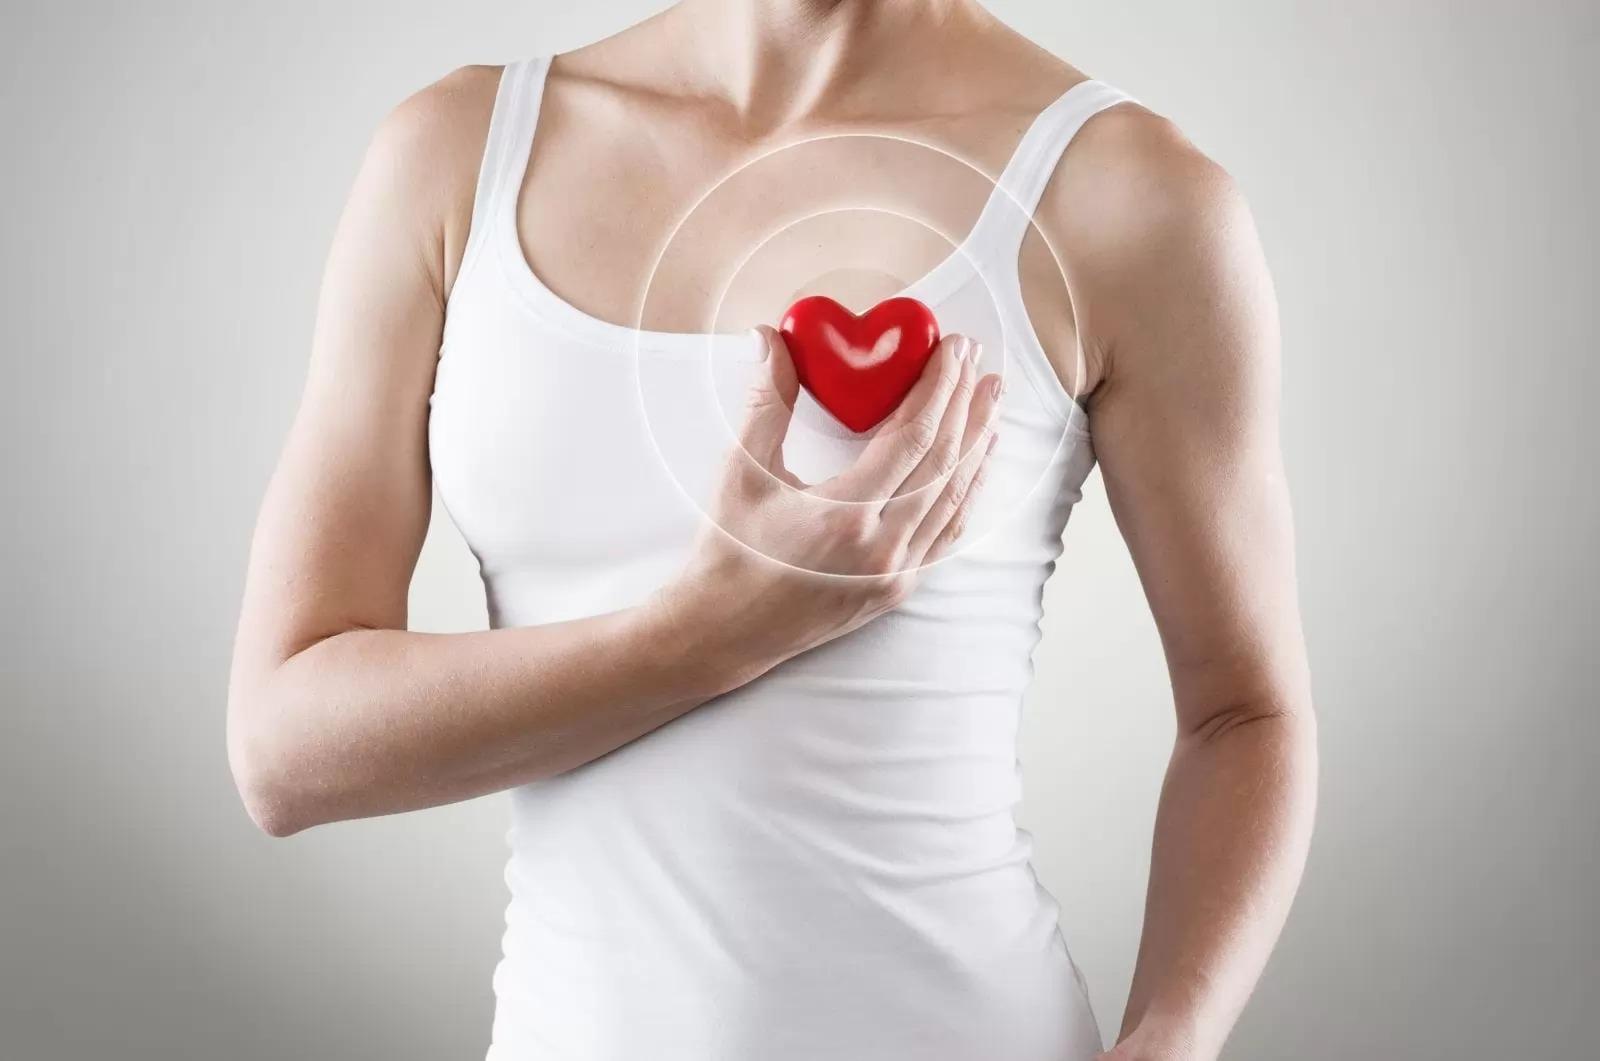 Как самостоятельно остановить сердце